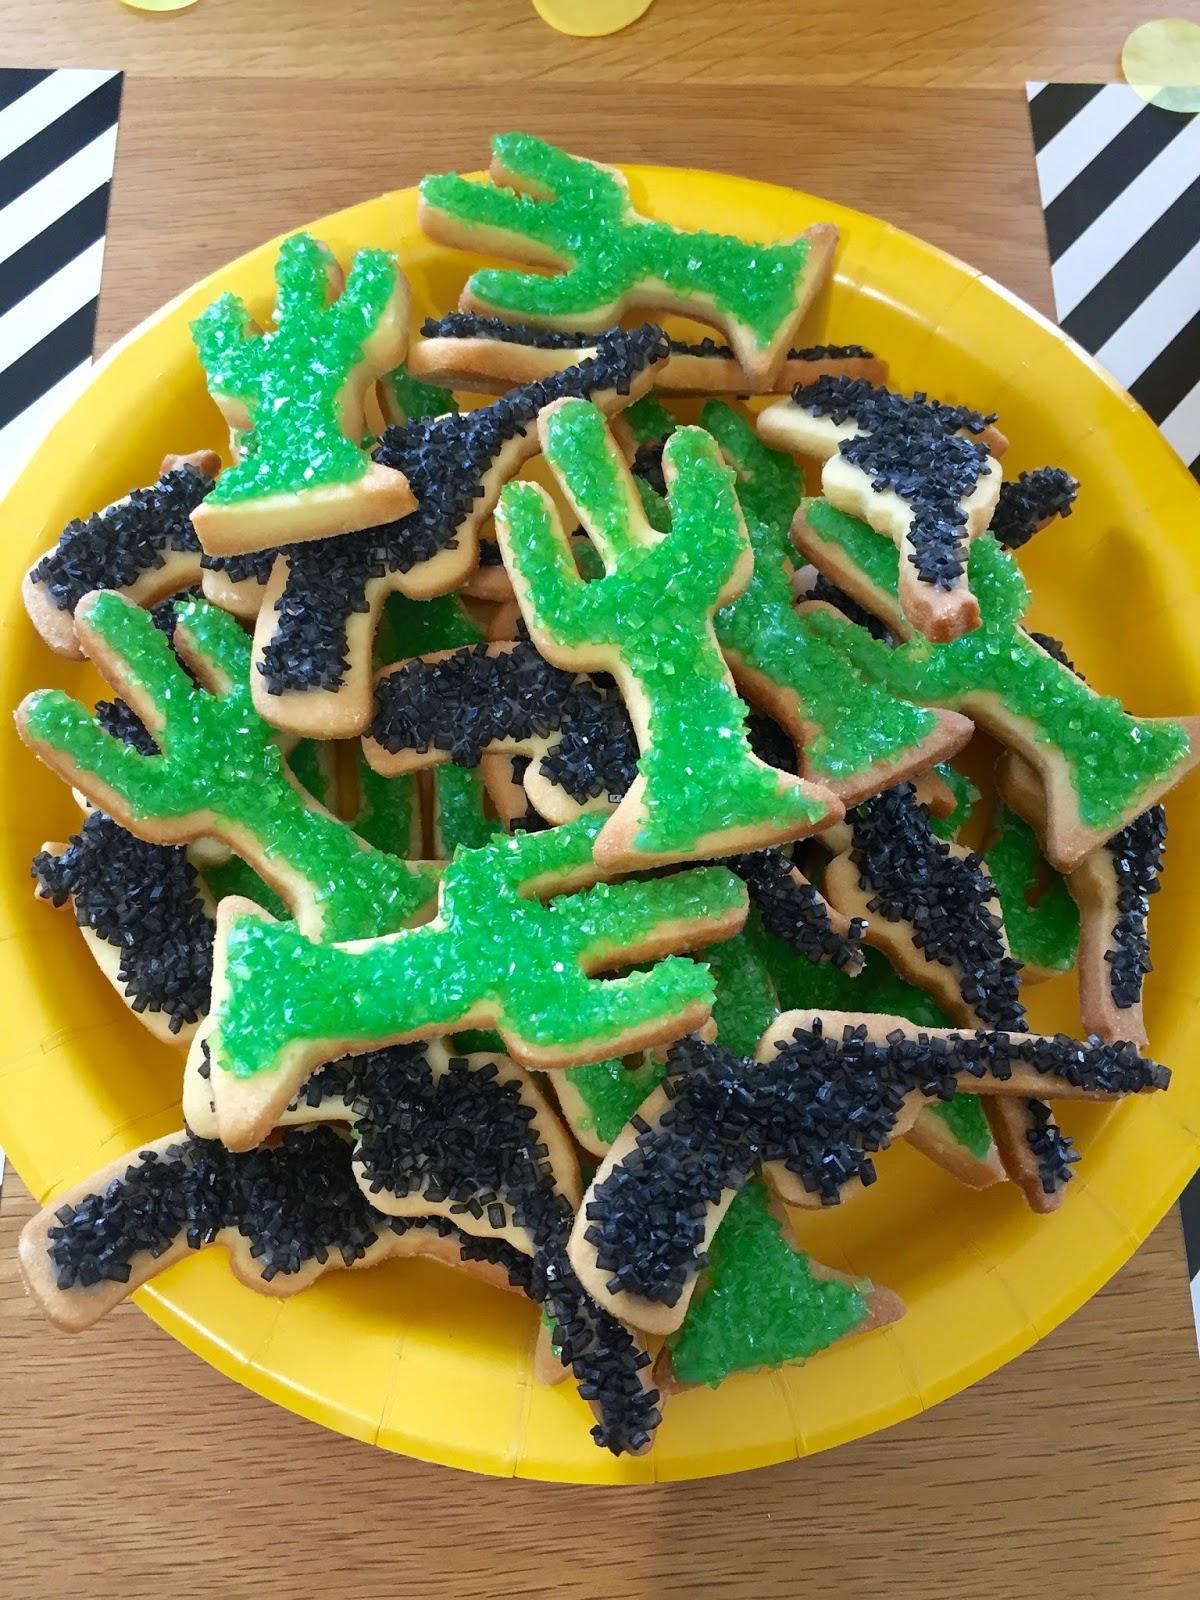 Biscuits en forme de cactus